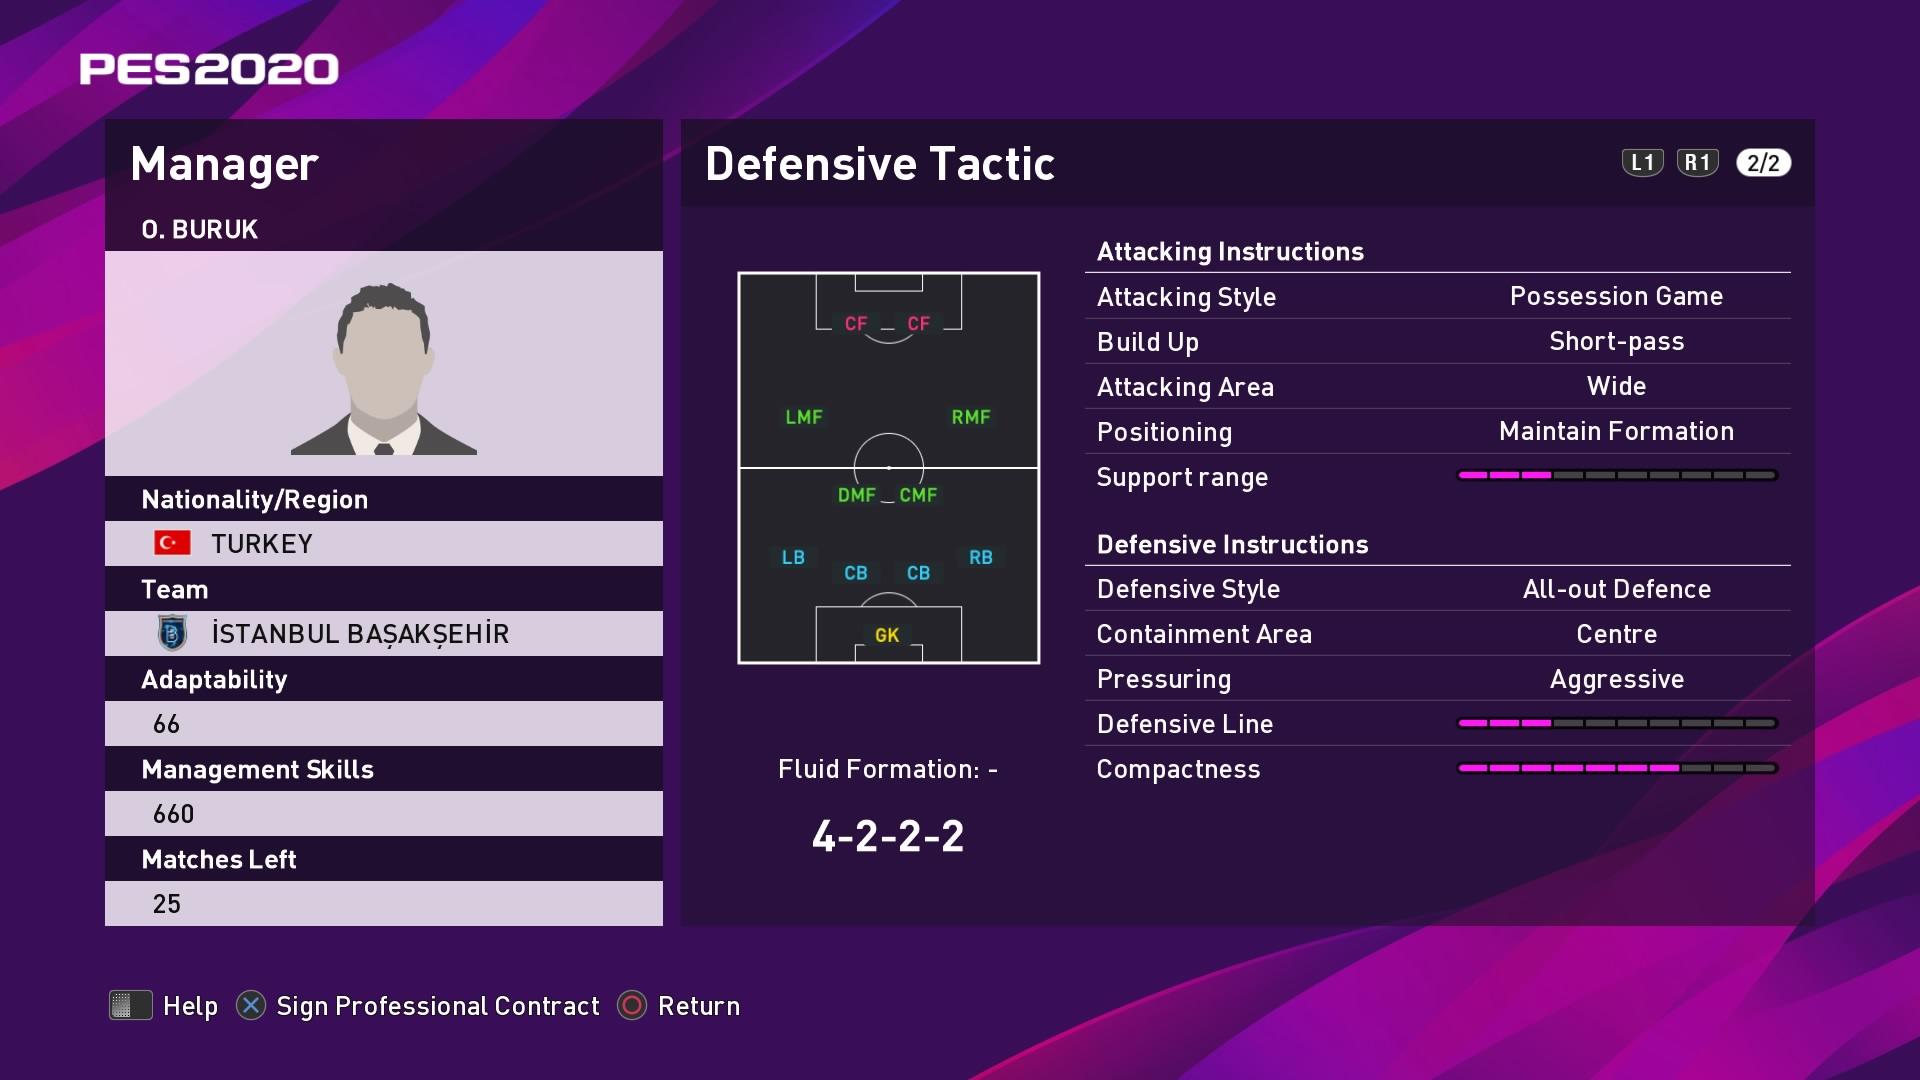 O. Buruk (Okan Buruk) Defensive Tactic in PES 2020 myClub